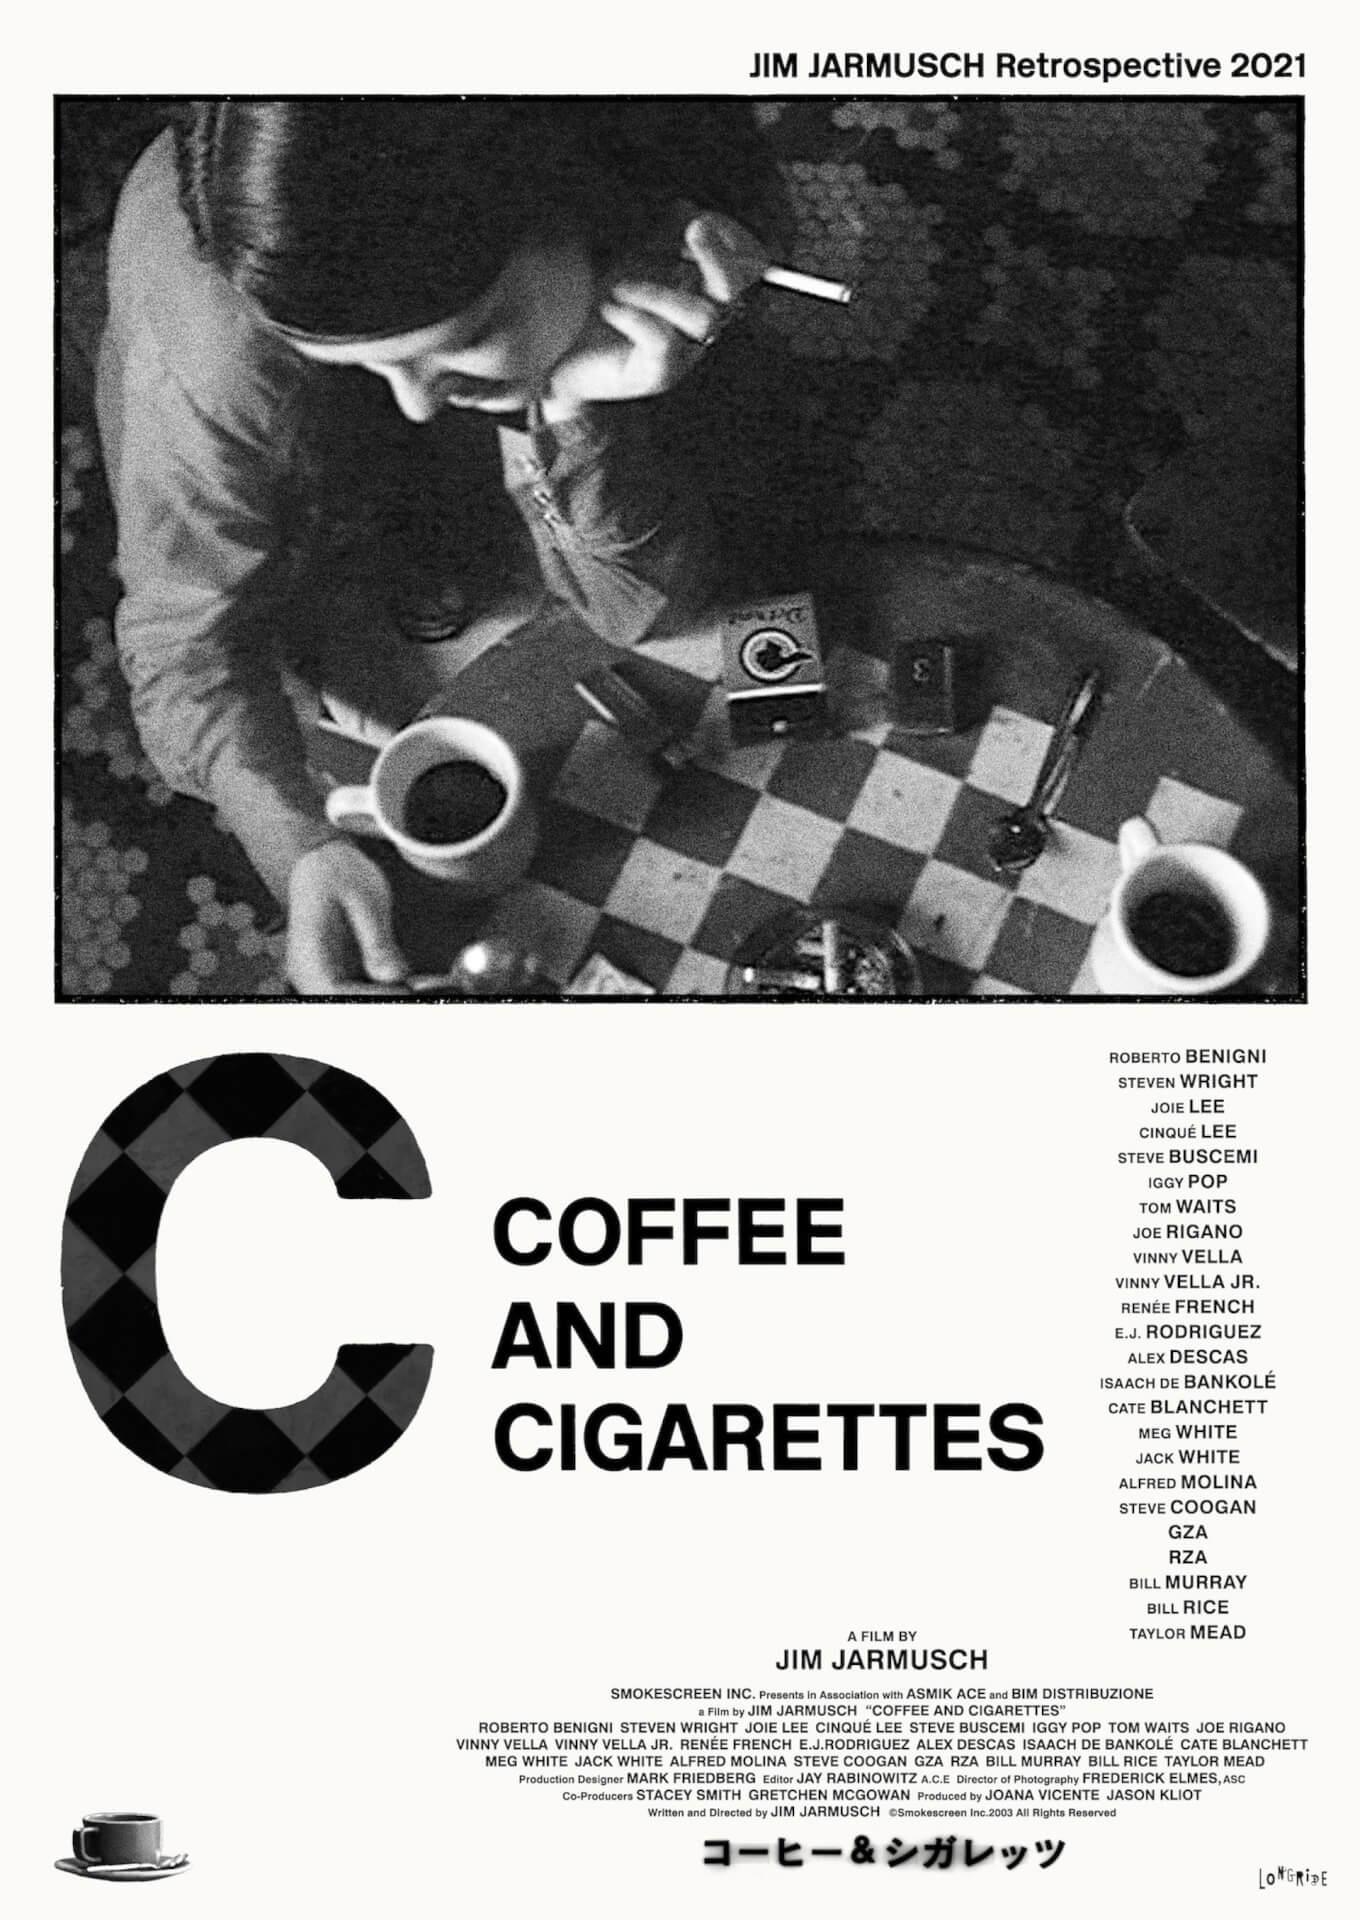 ジム・ジャームッシュの名作が続々上映!『ストレンジャー・ザン・パラダイス』など全12作品のポスター&チラシビジュアルが新たに制作&配布決定 film210611_jimjarmusch_26